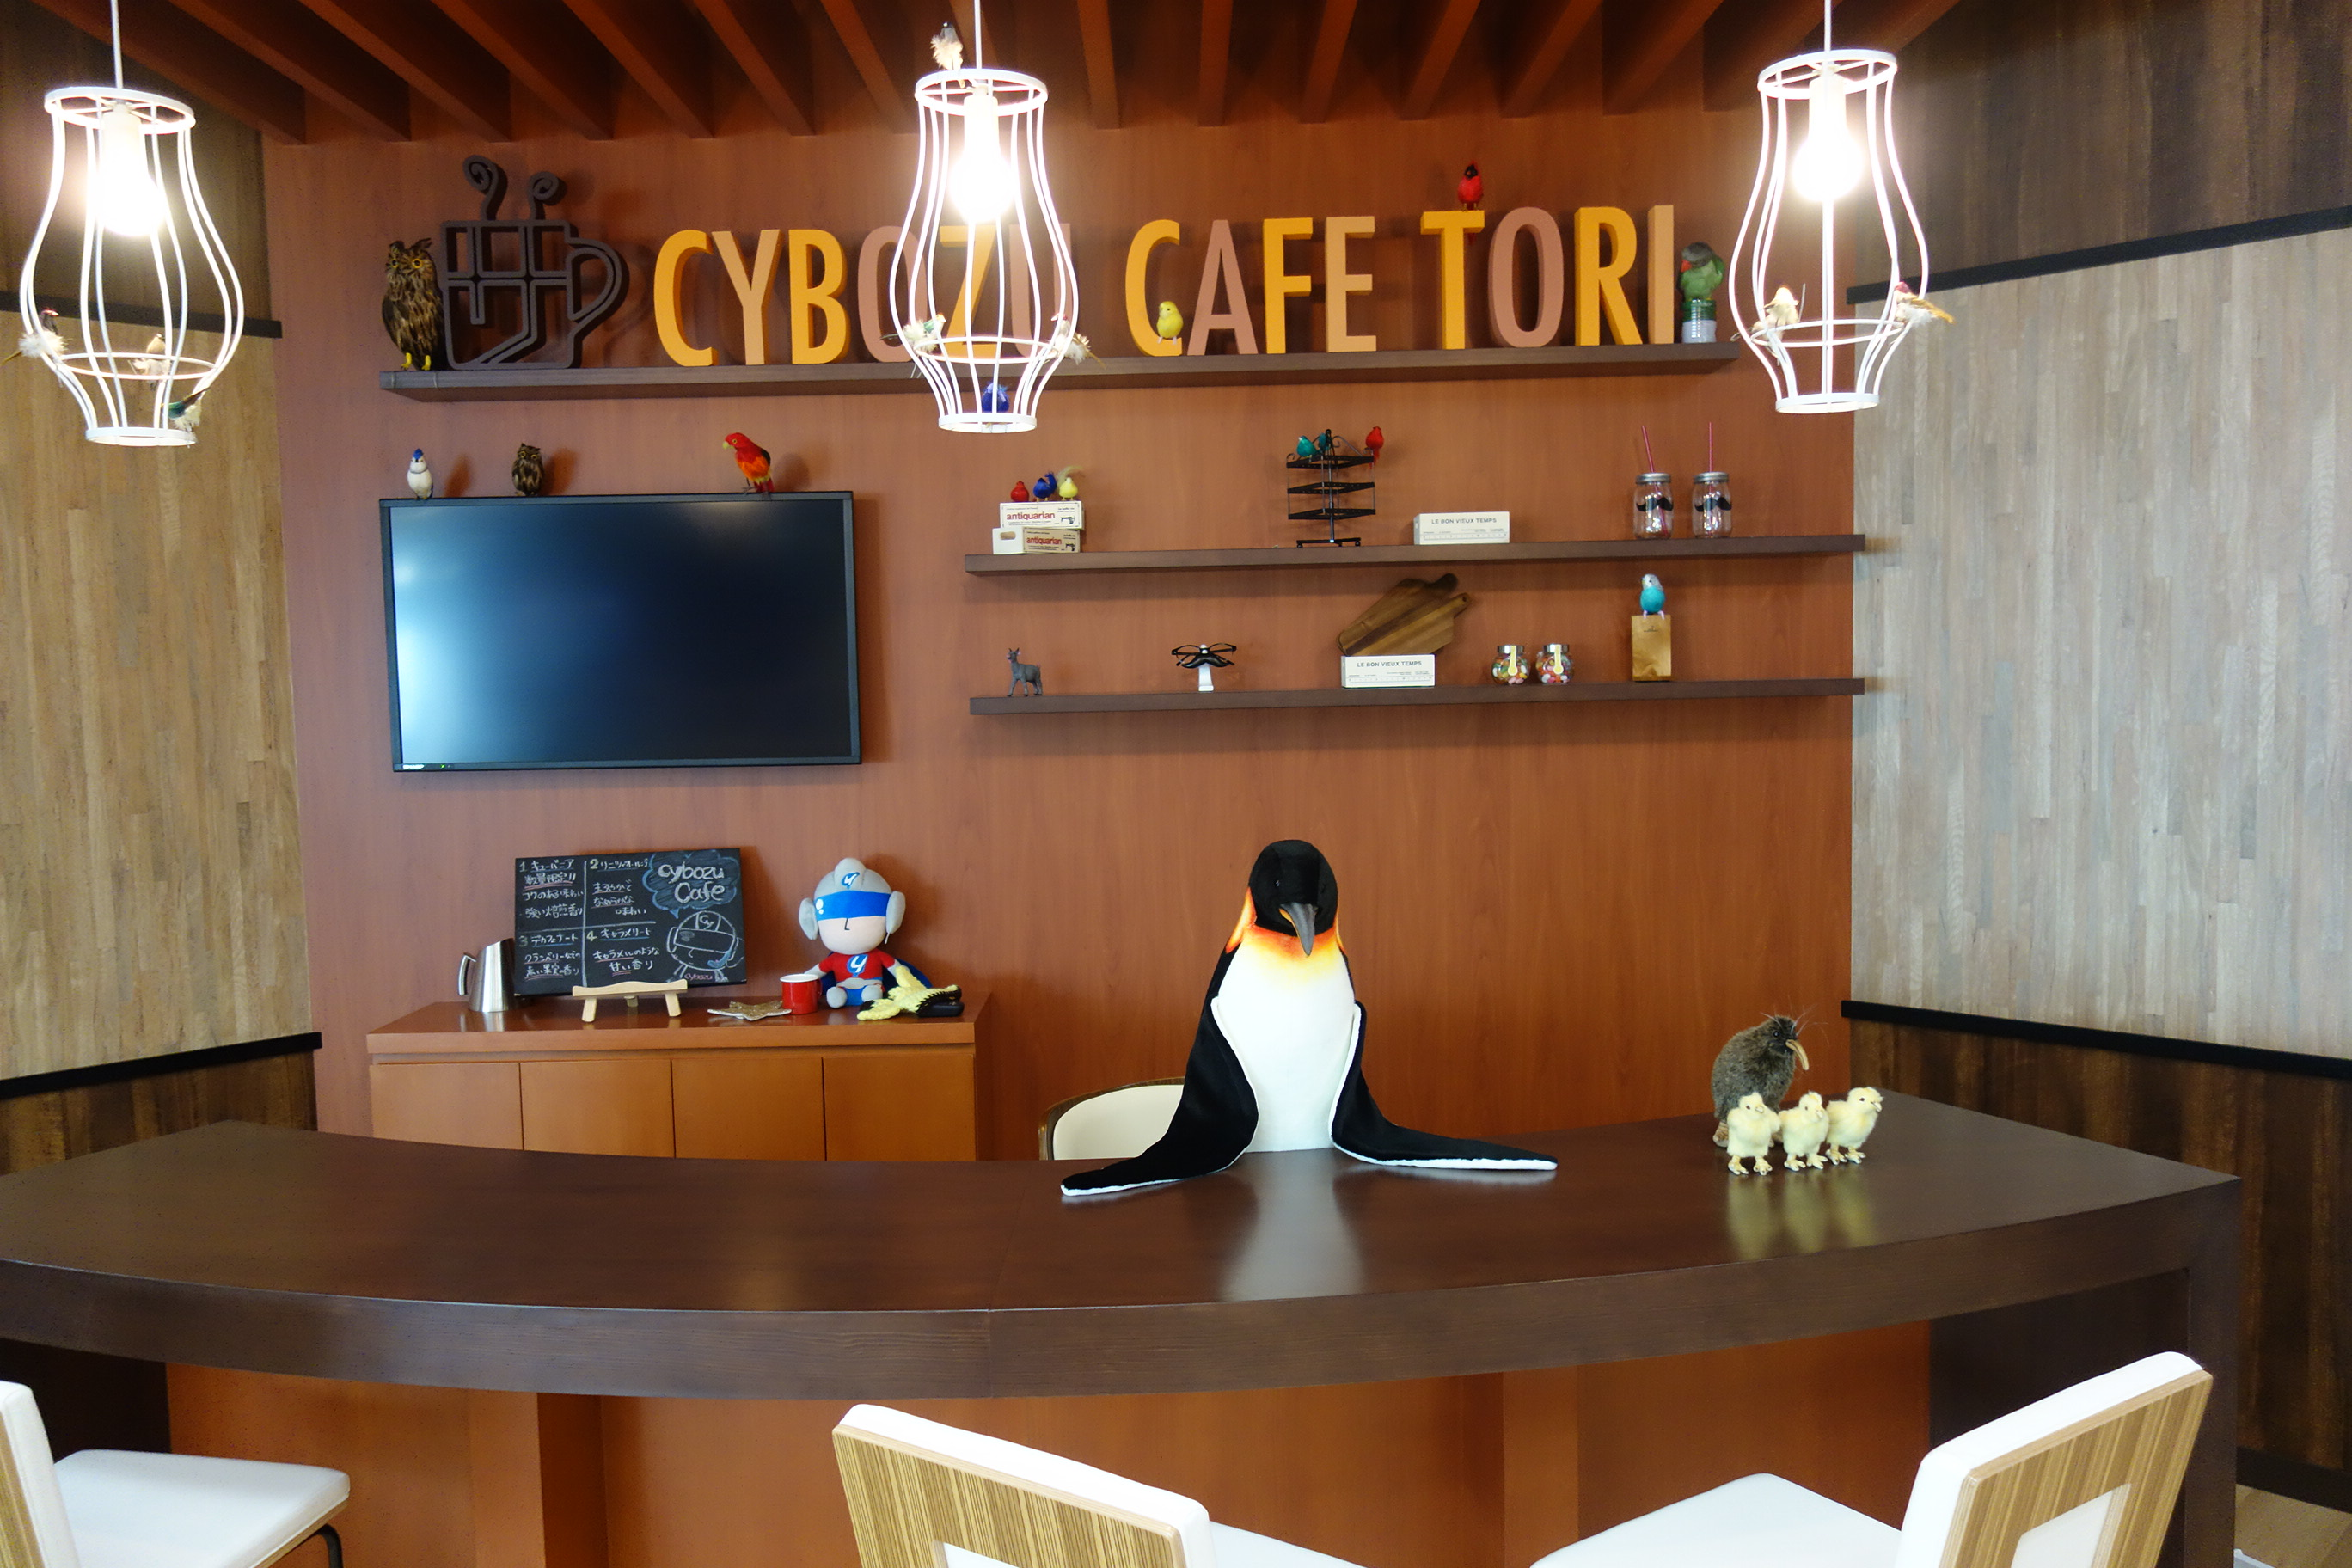 鳥?のカフェみたい